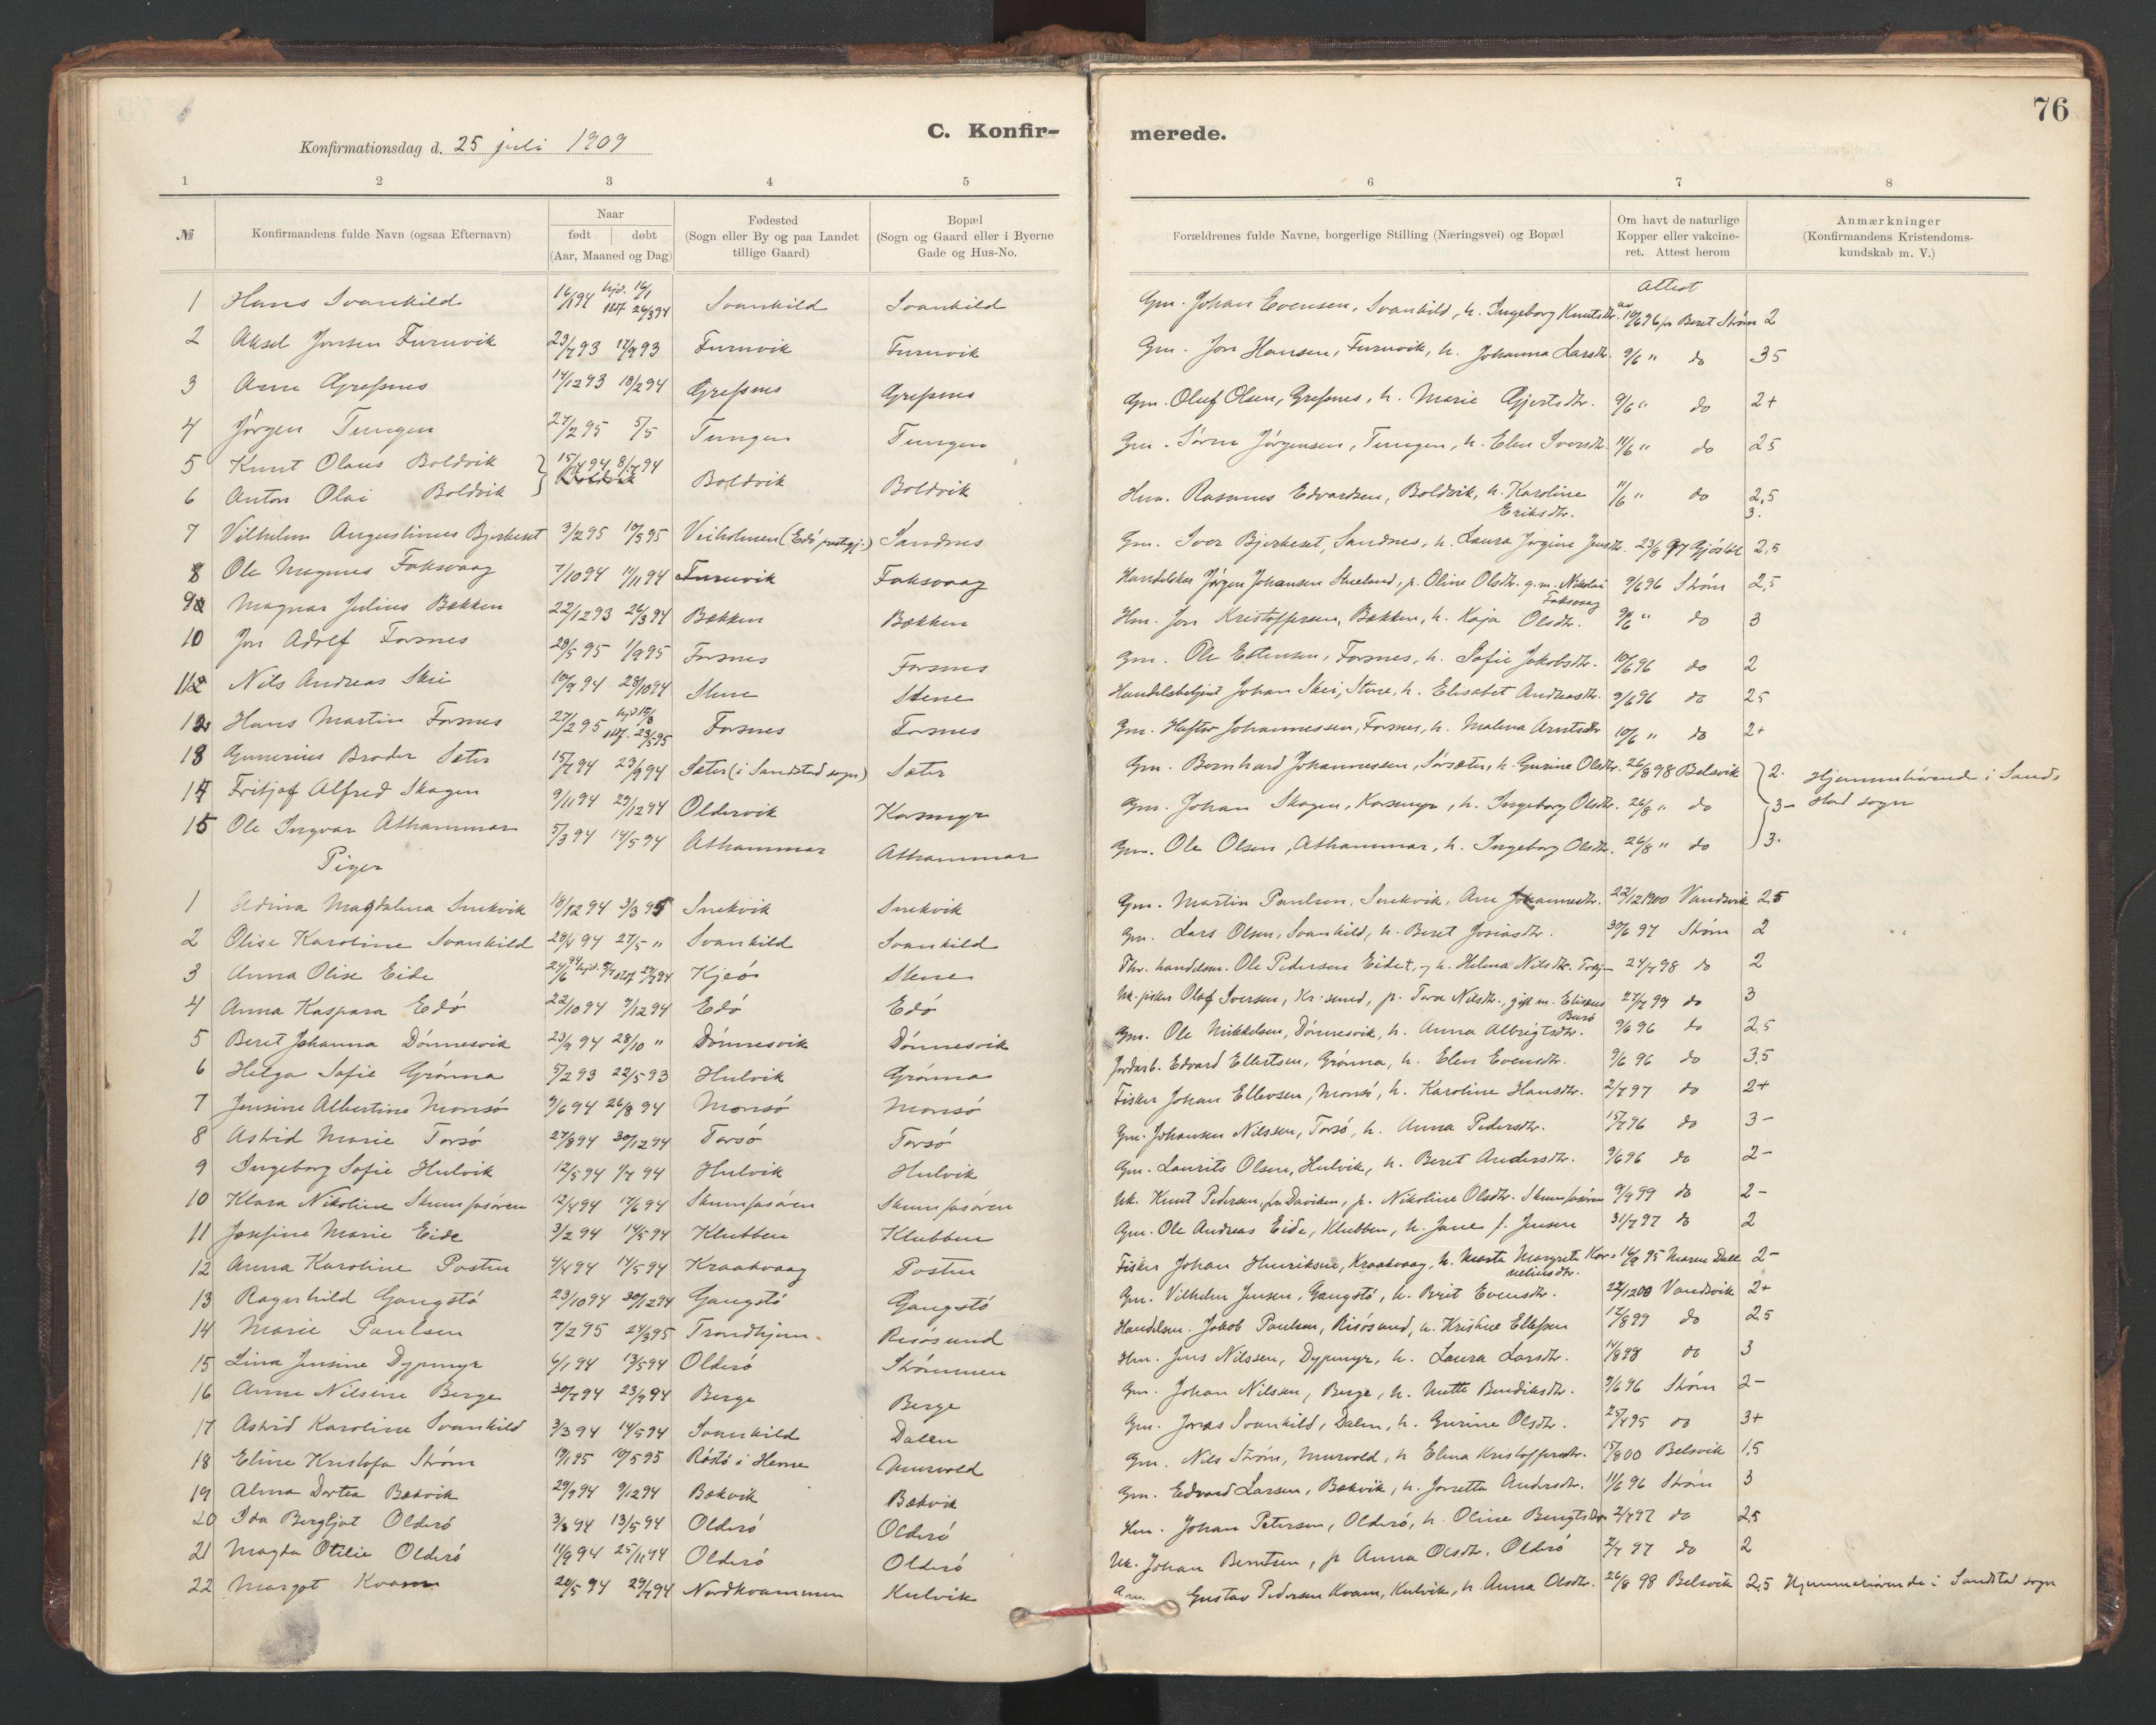 SAT, Ministerialprotokoller, klokkerbøker og fødselsregistre - Sør-Trøndelag, 635/L0552: Ministerialbok nr. 635A02, 1899-1919, s. 76